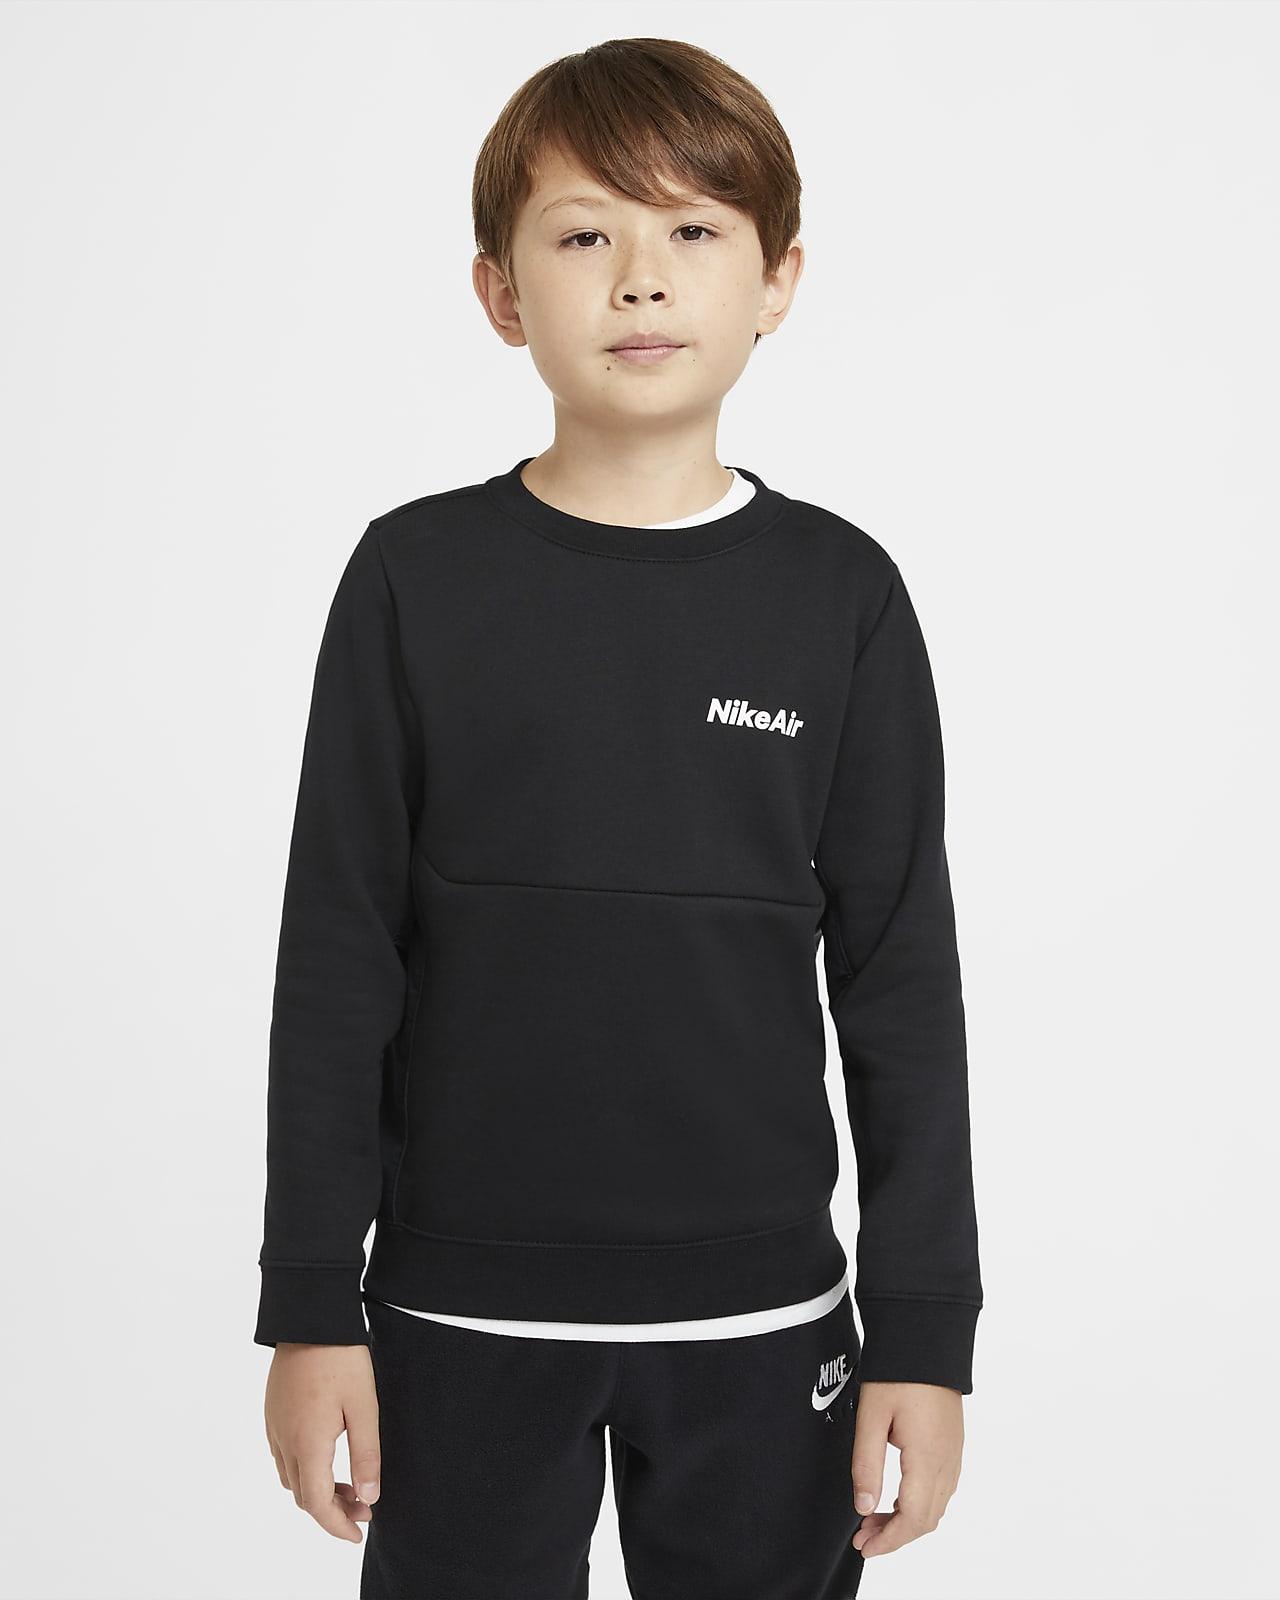 Nike Air hosszú ujjú, kerek nyakkivágású pulóver nagyobb gyerekeknek (fiúknak)